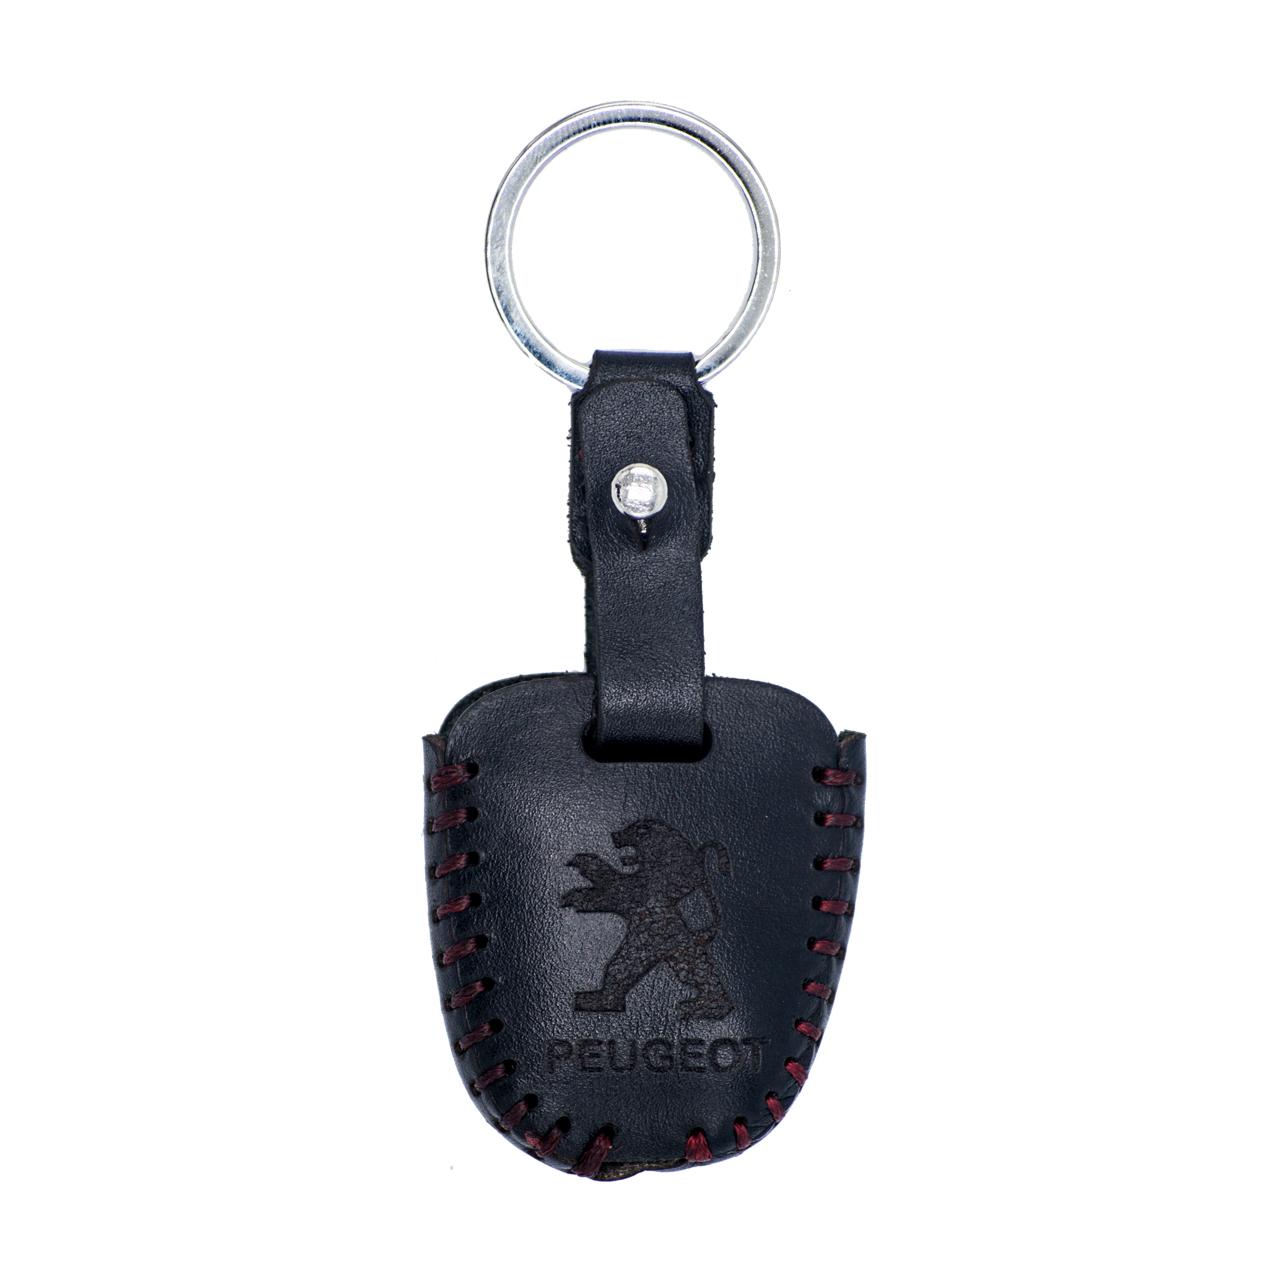 خرید                     جاسوئیچی خودرو چرم طبیعی کد ct-011 مناسب برای پژو 206 و 207 ،پارس جدید (عرضه کالا)